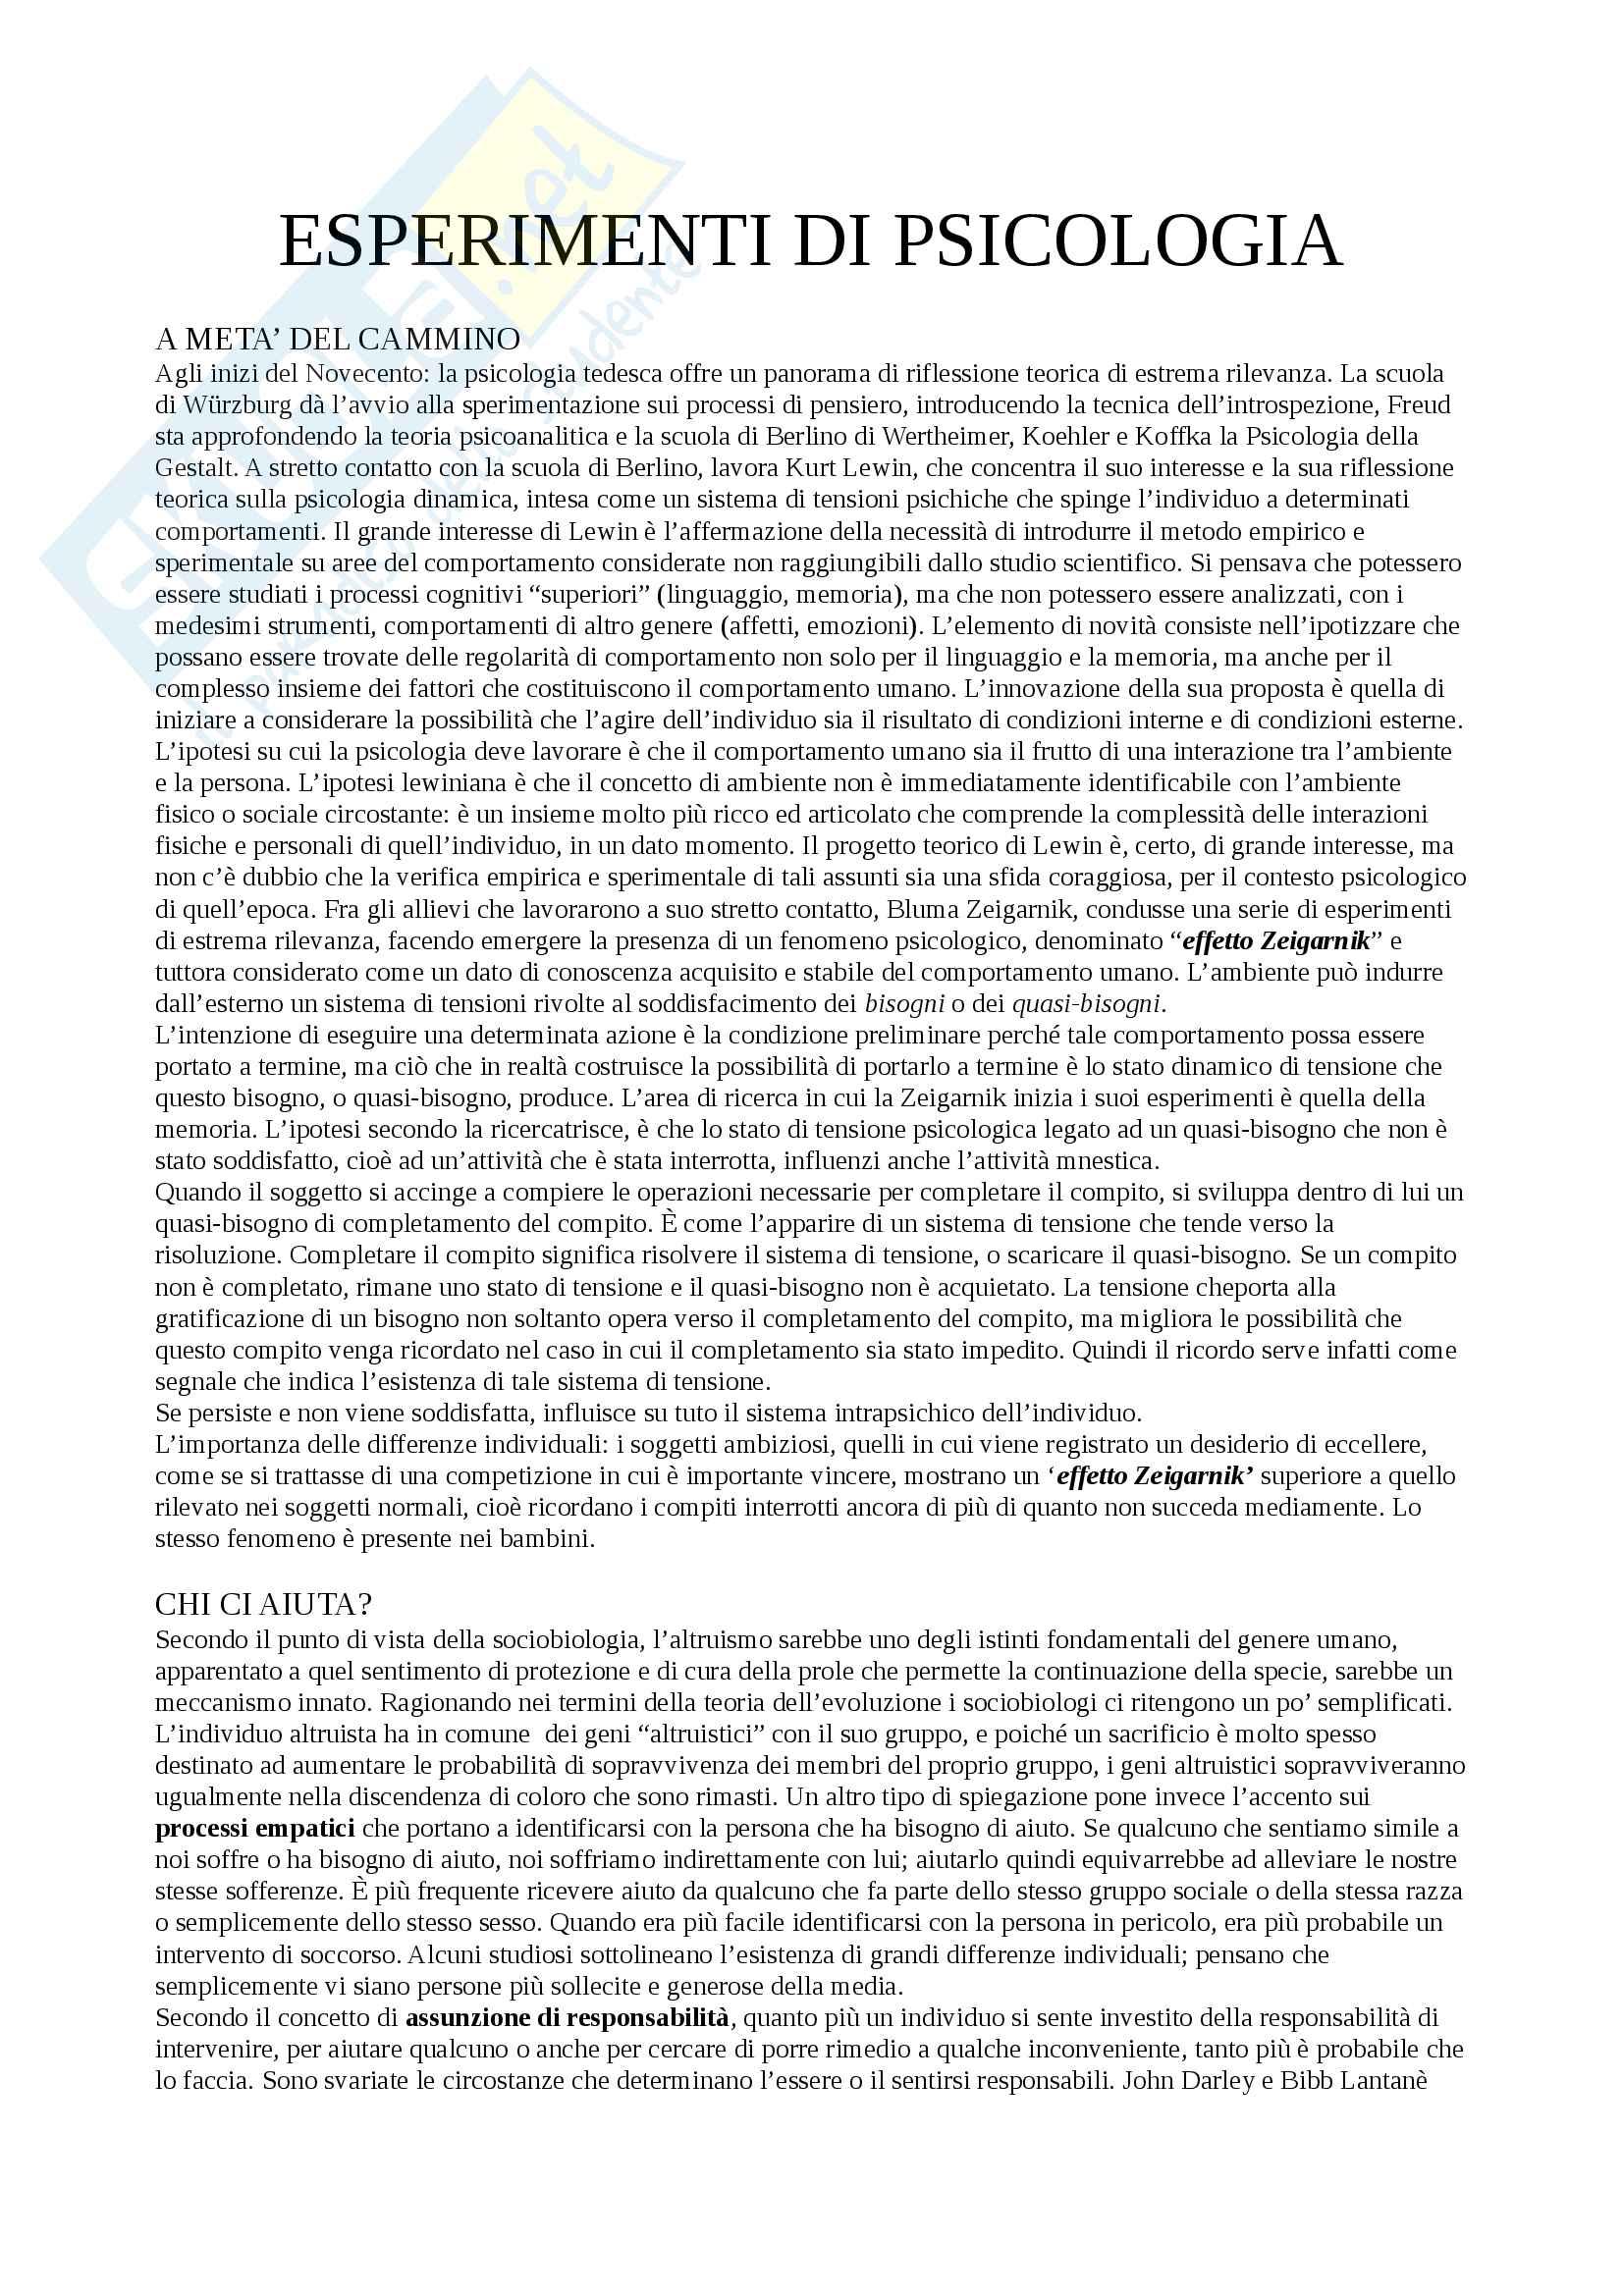 Riassunto esame Classici della psicologia, docente Meneghetti, libro consigliato Esperimenti di psicologia, D'Urso e Giusberti